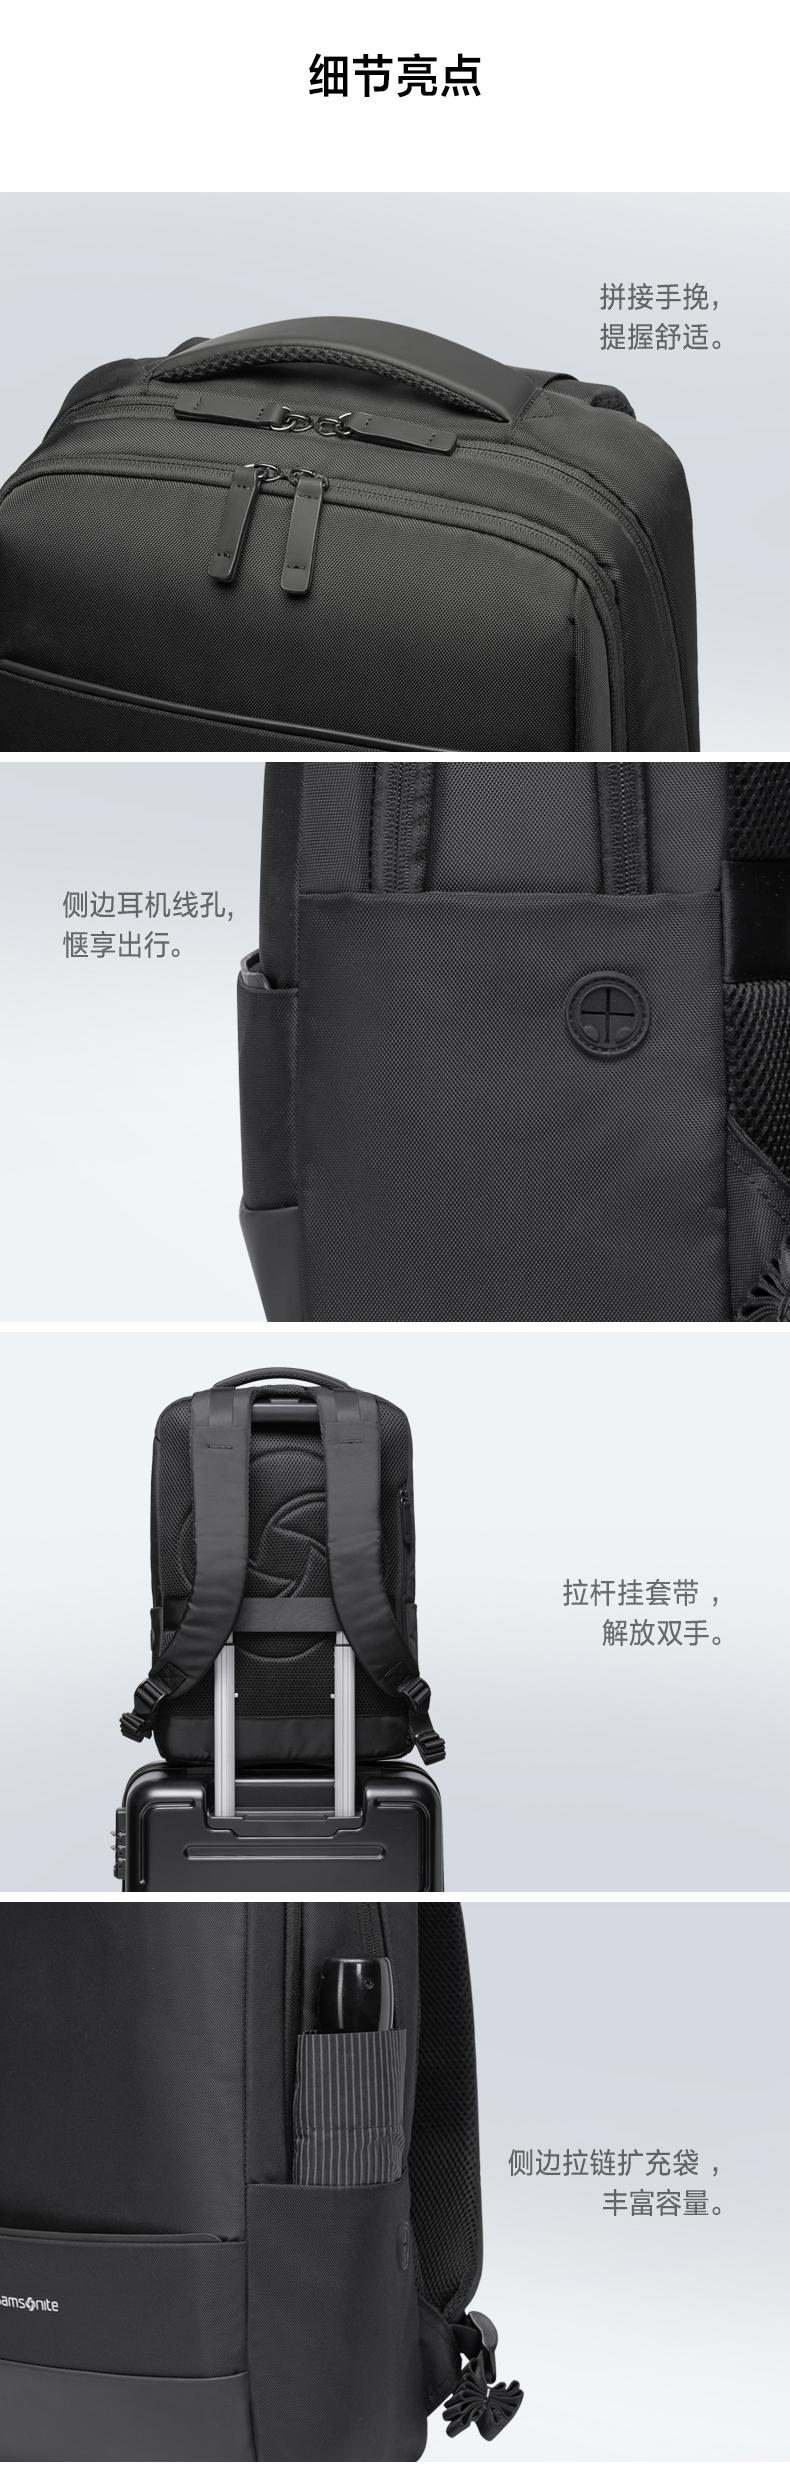 新秀丽  CAPER系列 商务双肩包 可放14寸笔记本 图7